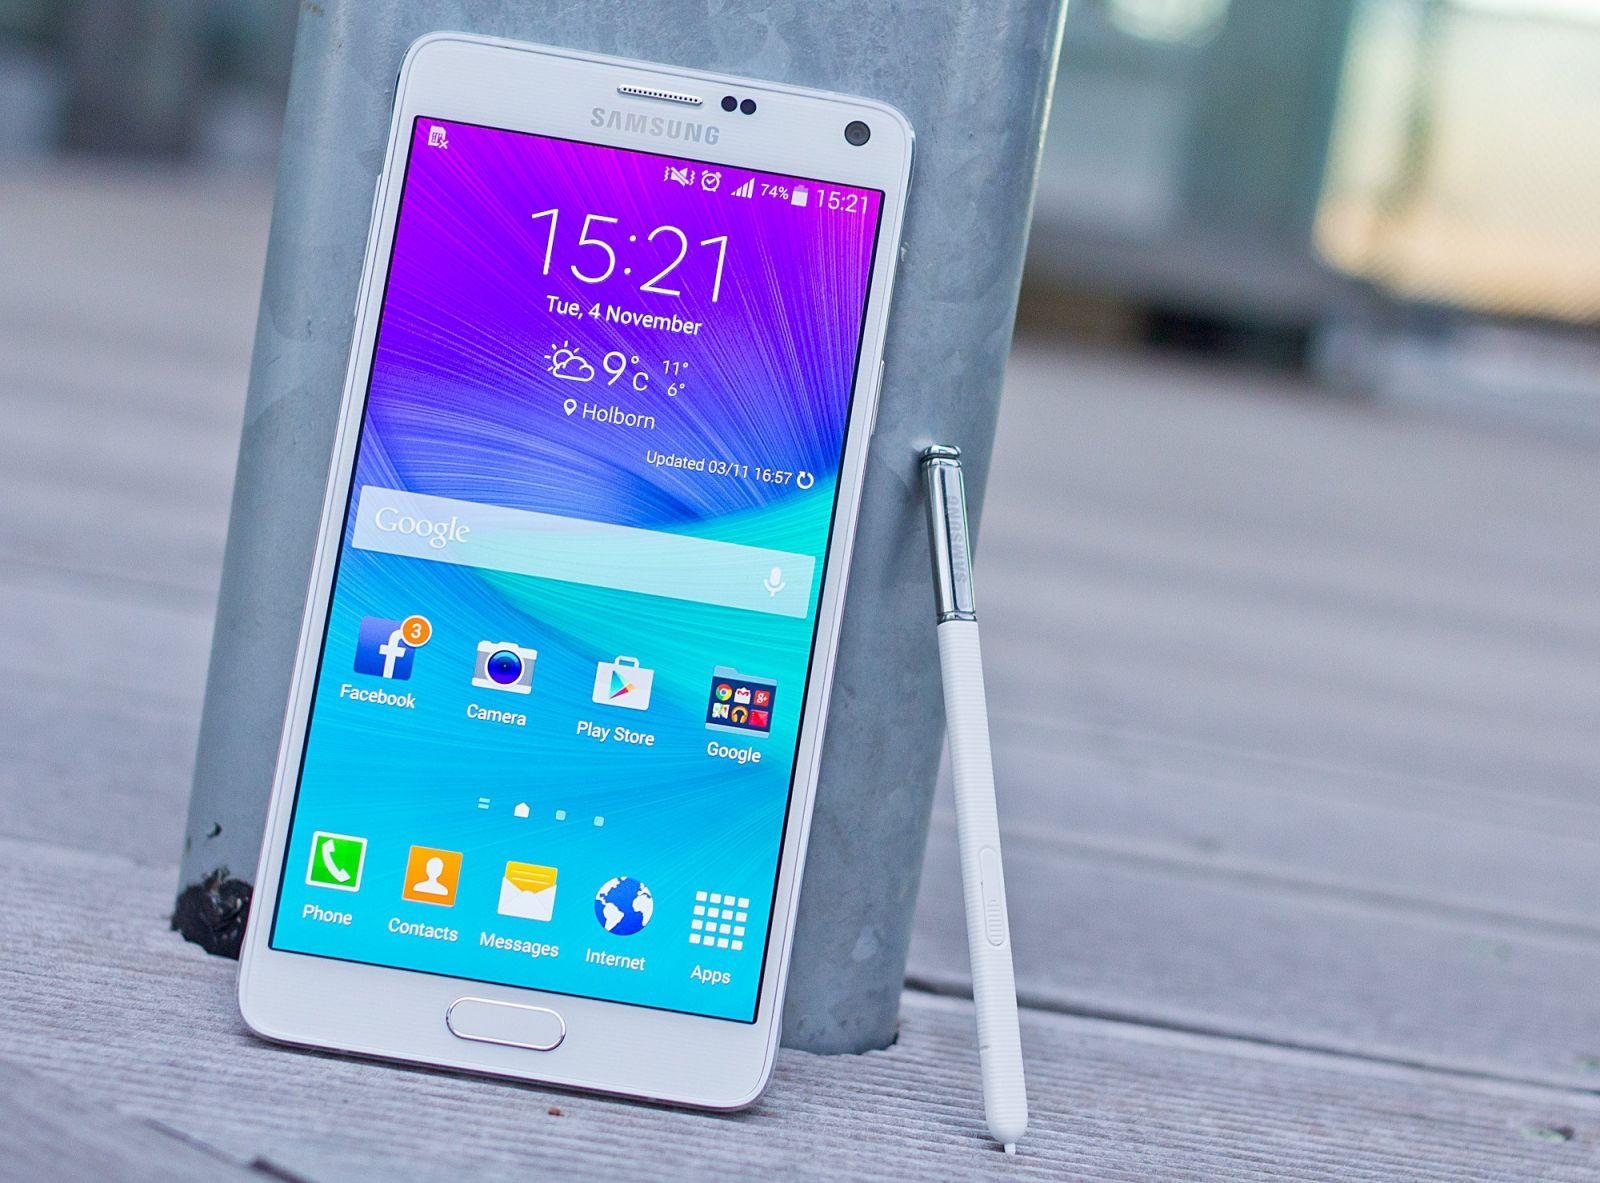 Samsung galaxy Note 4 cũ liệu đã lỗi mốt vào thời điểm này?